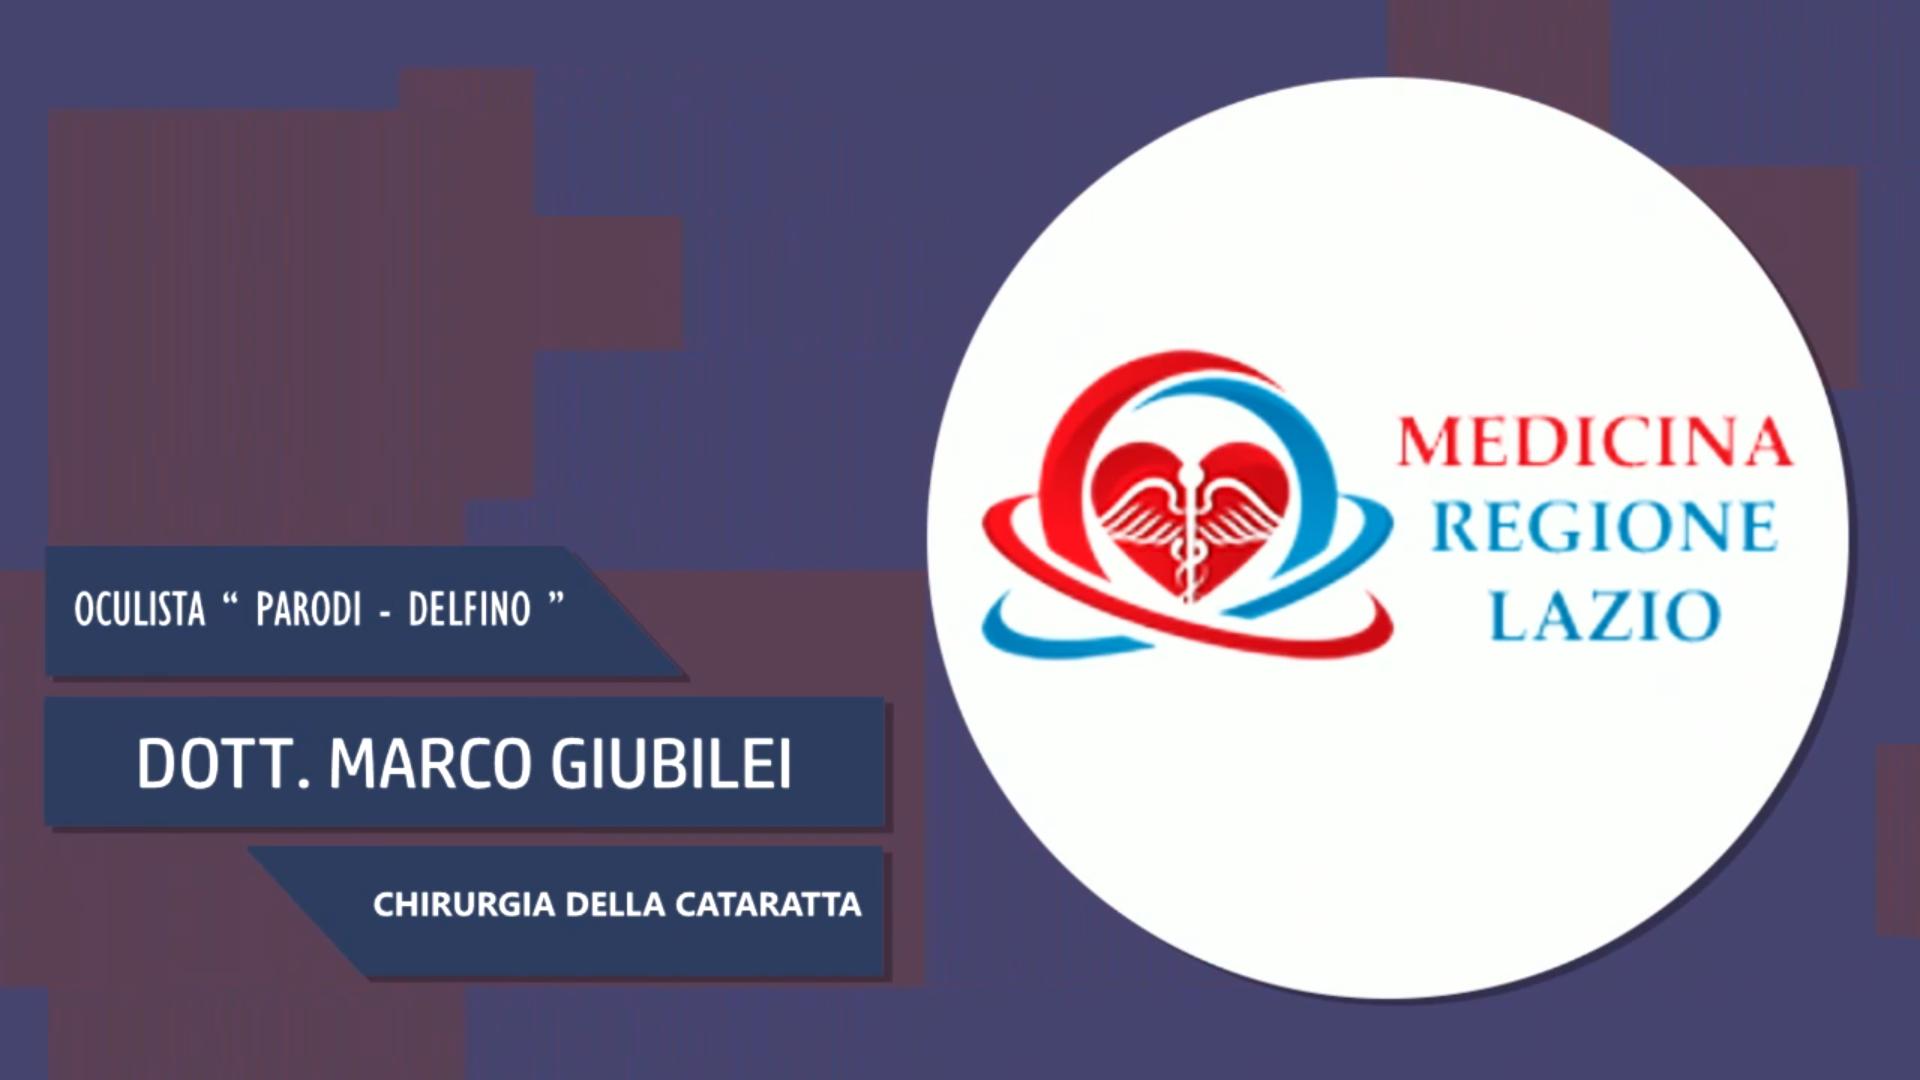 Intervista al Dott. Marco Giubilei – Chirurgia della cataratta